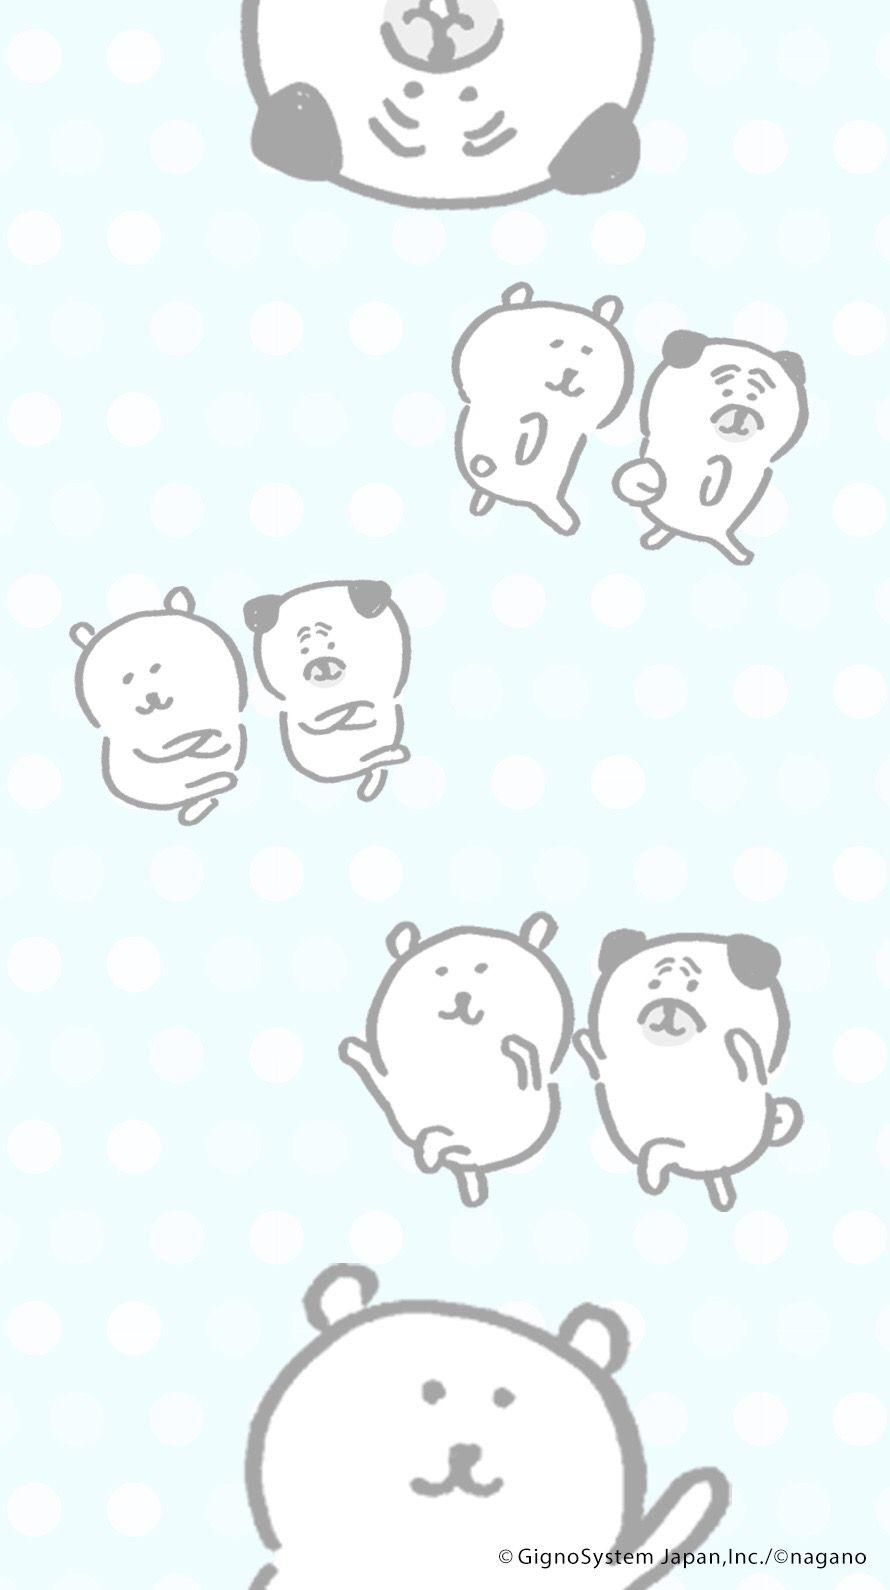 Ngntrtr おしゃれまとめの人気アイデア Pinterest Frog Lin 自分ツッコミくま かわいいイラスト くま